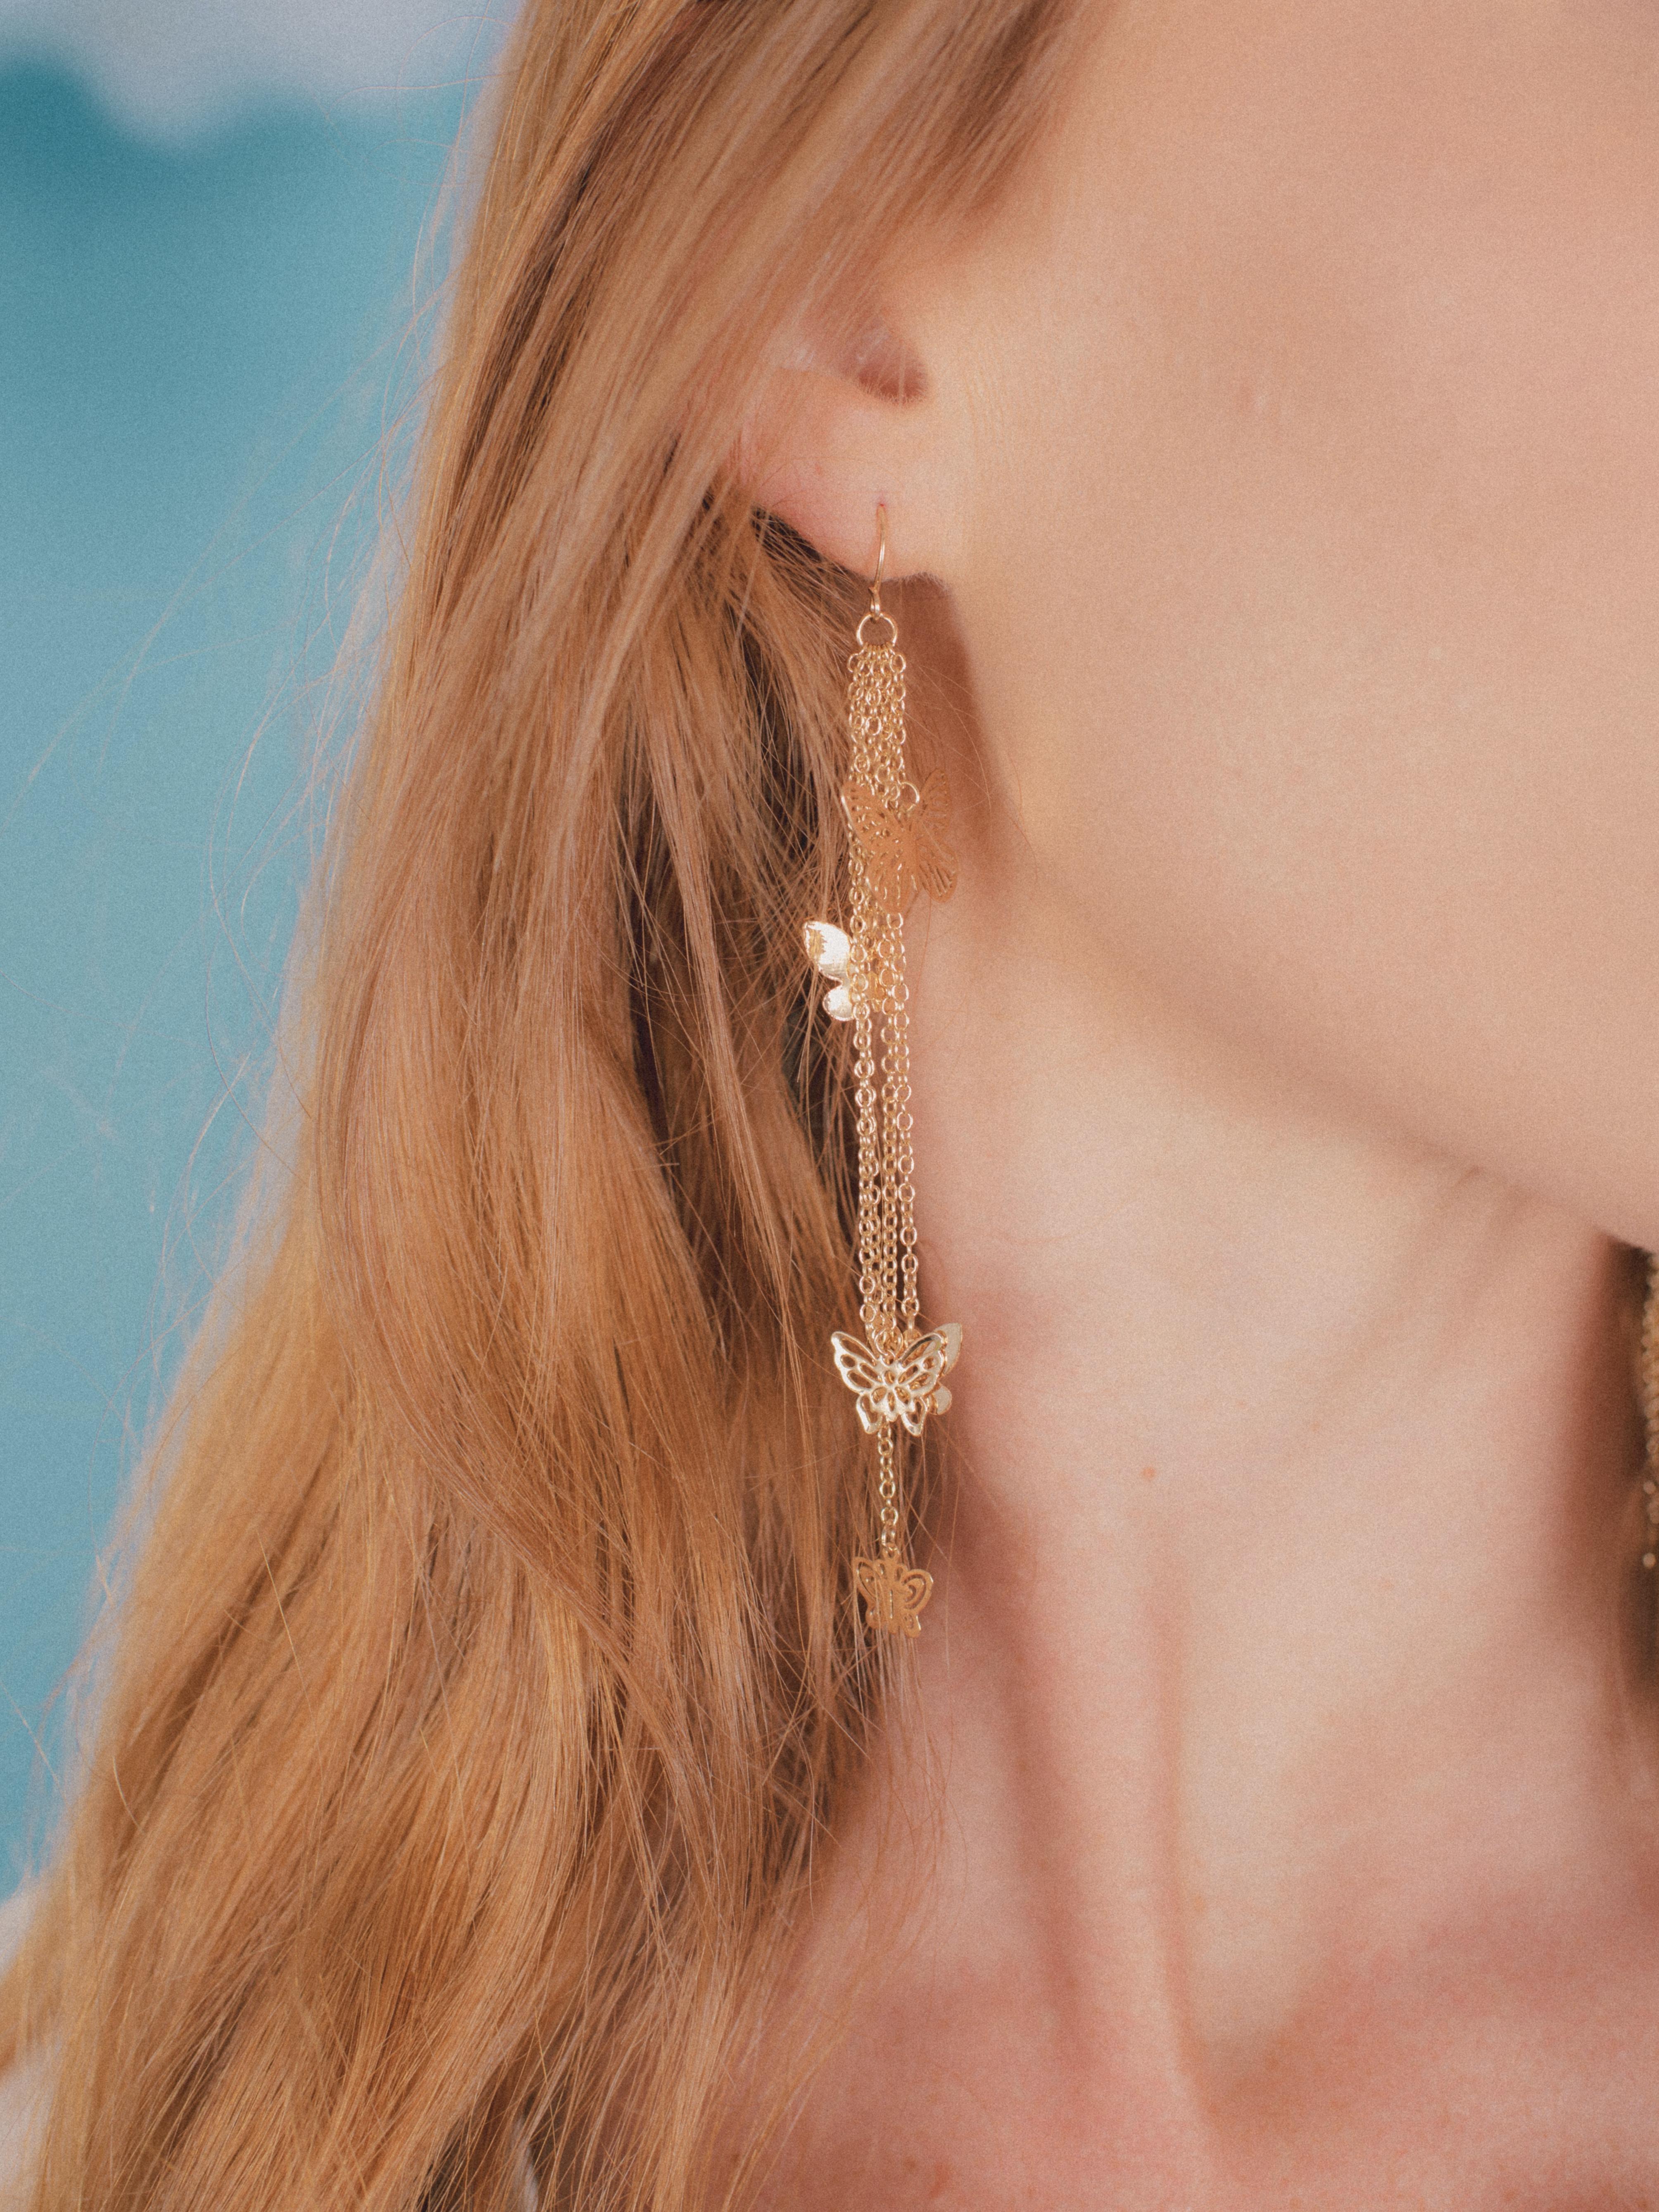 Rhopalocera Earrings